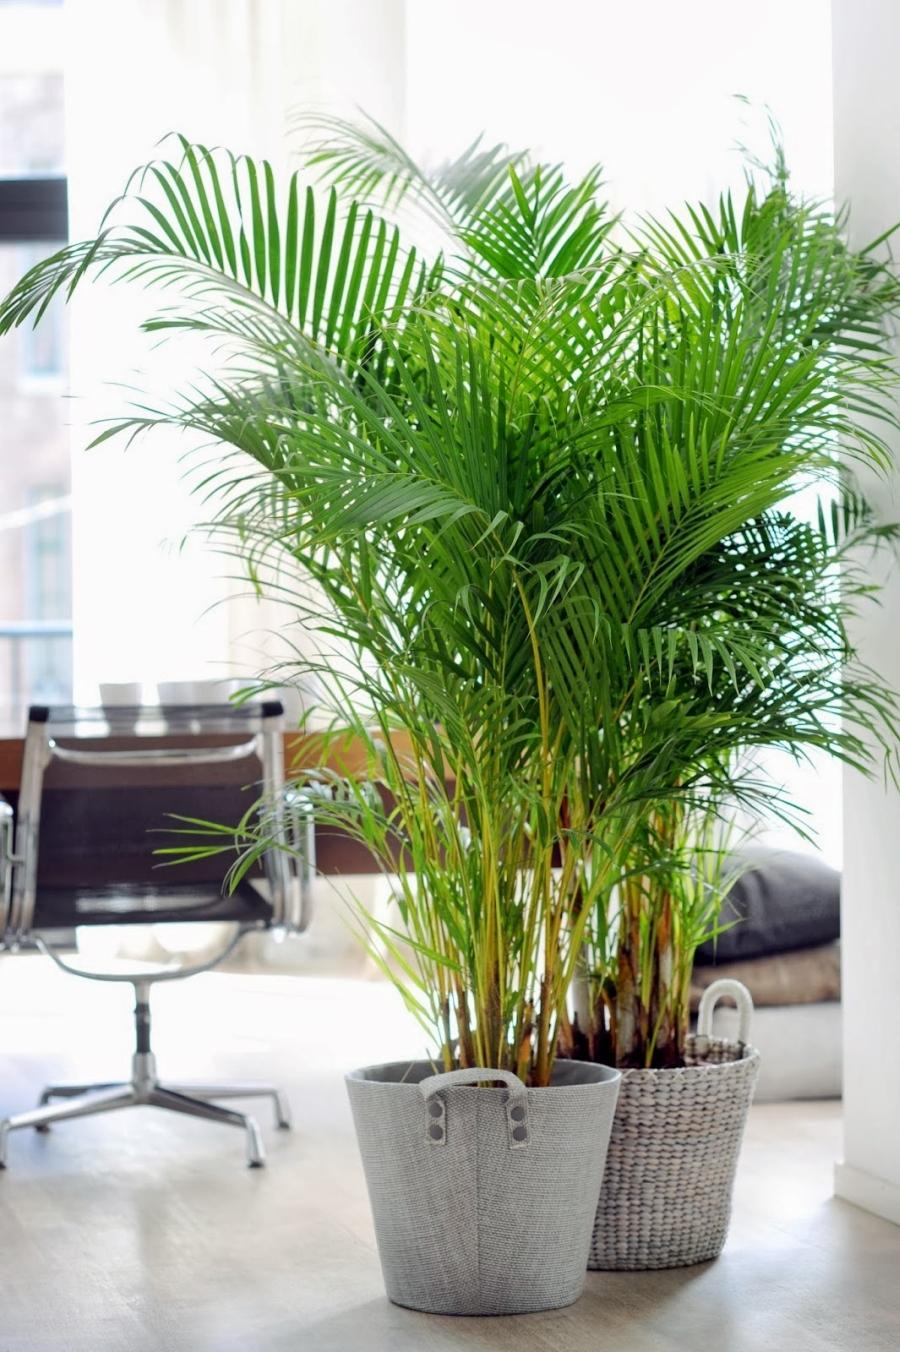 10 pomysłów na zielony kącik, wystrój wnętrz, wnętrza, urządzanie mieszkania, dom, home decor, dekoracje, aranżacje, rośliny, plants, kwiaty, flowers, green, zieleń, pomysły, ideas, styl eko, eco style